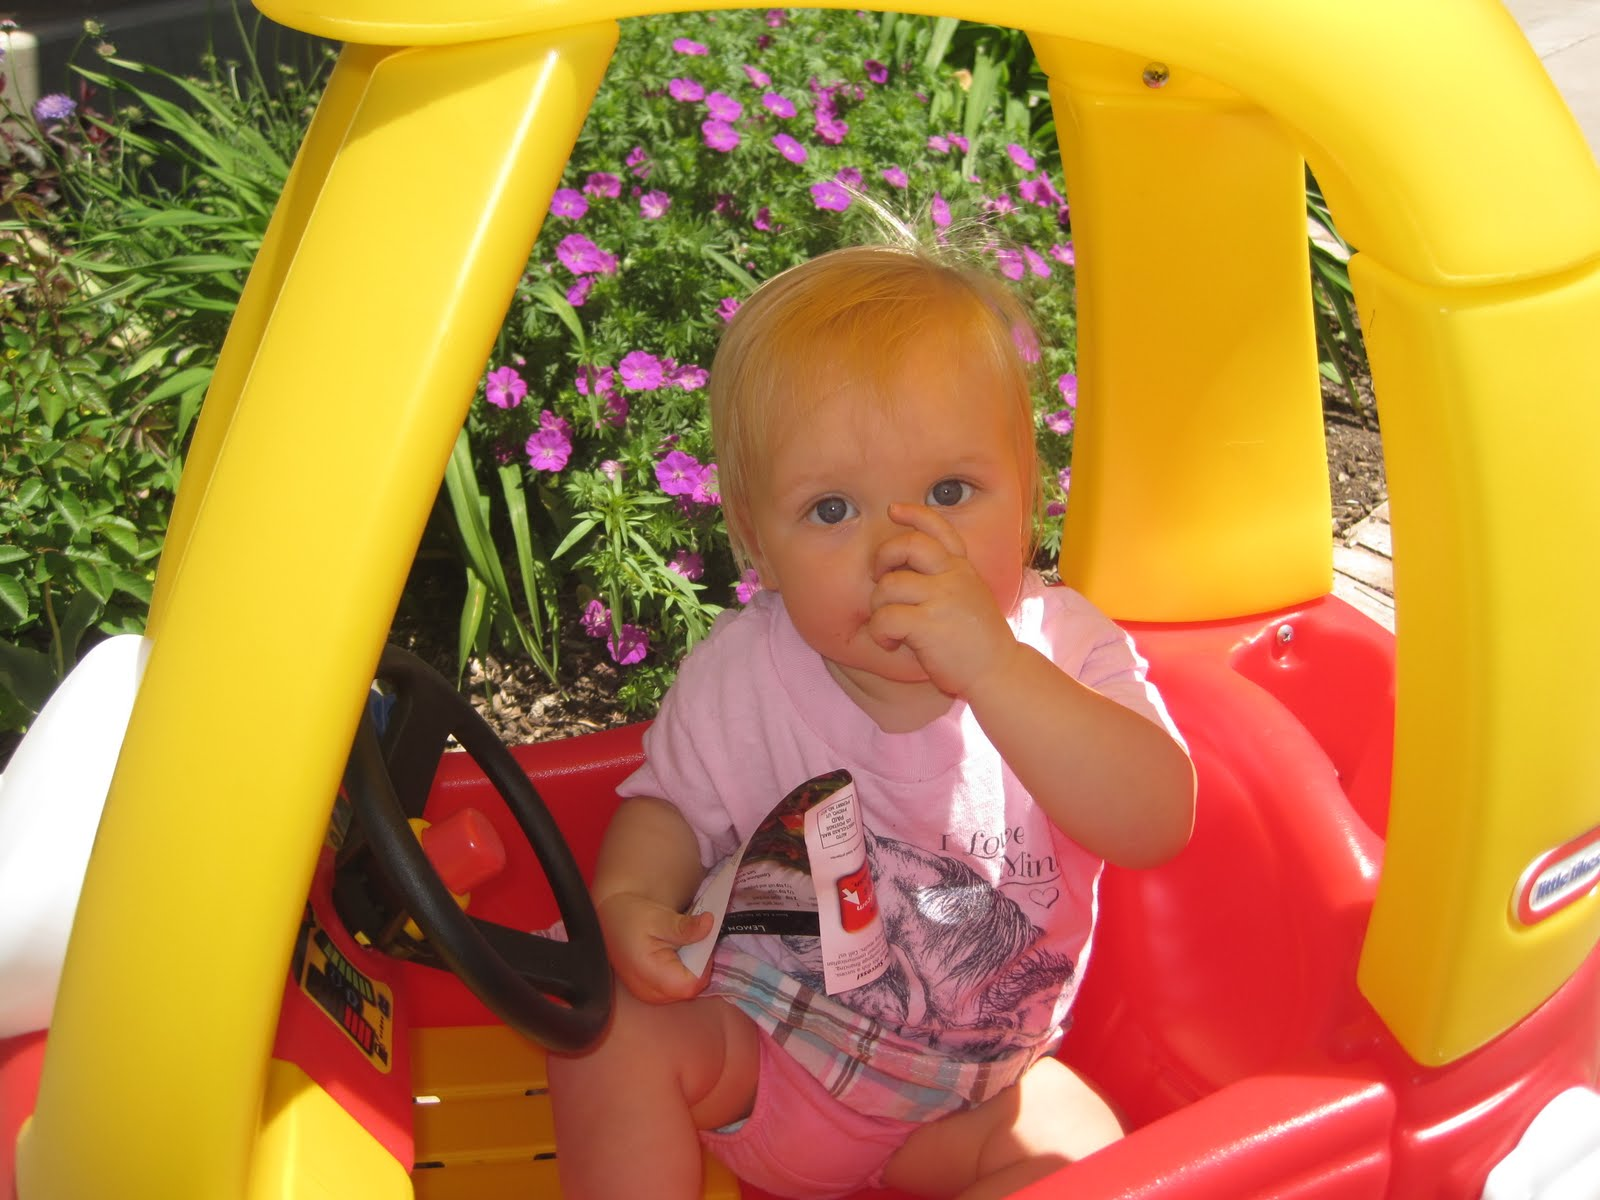 McKenna Pre-Toddler Summary: 14 Months Old